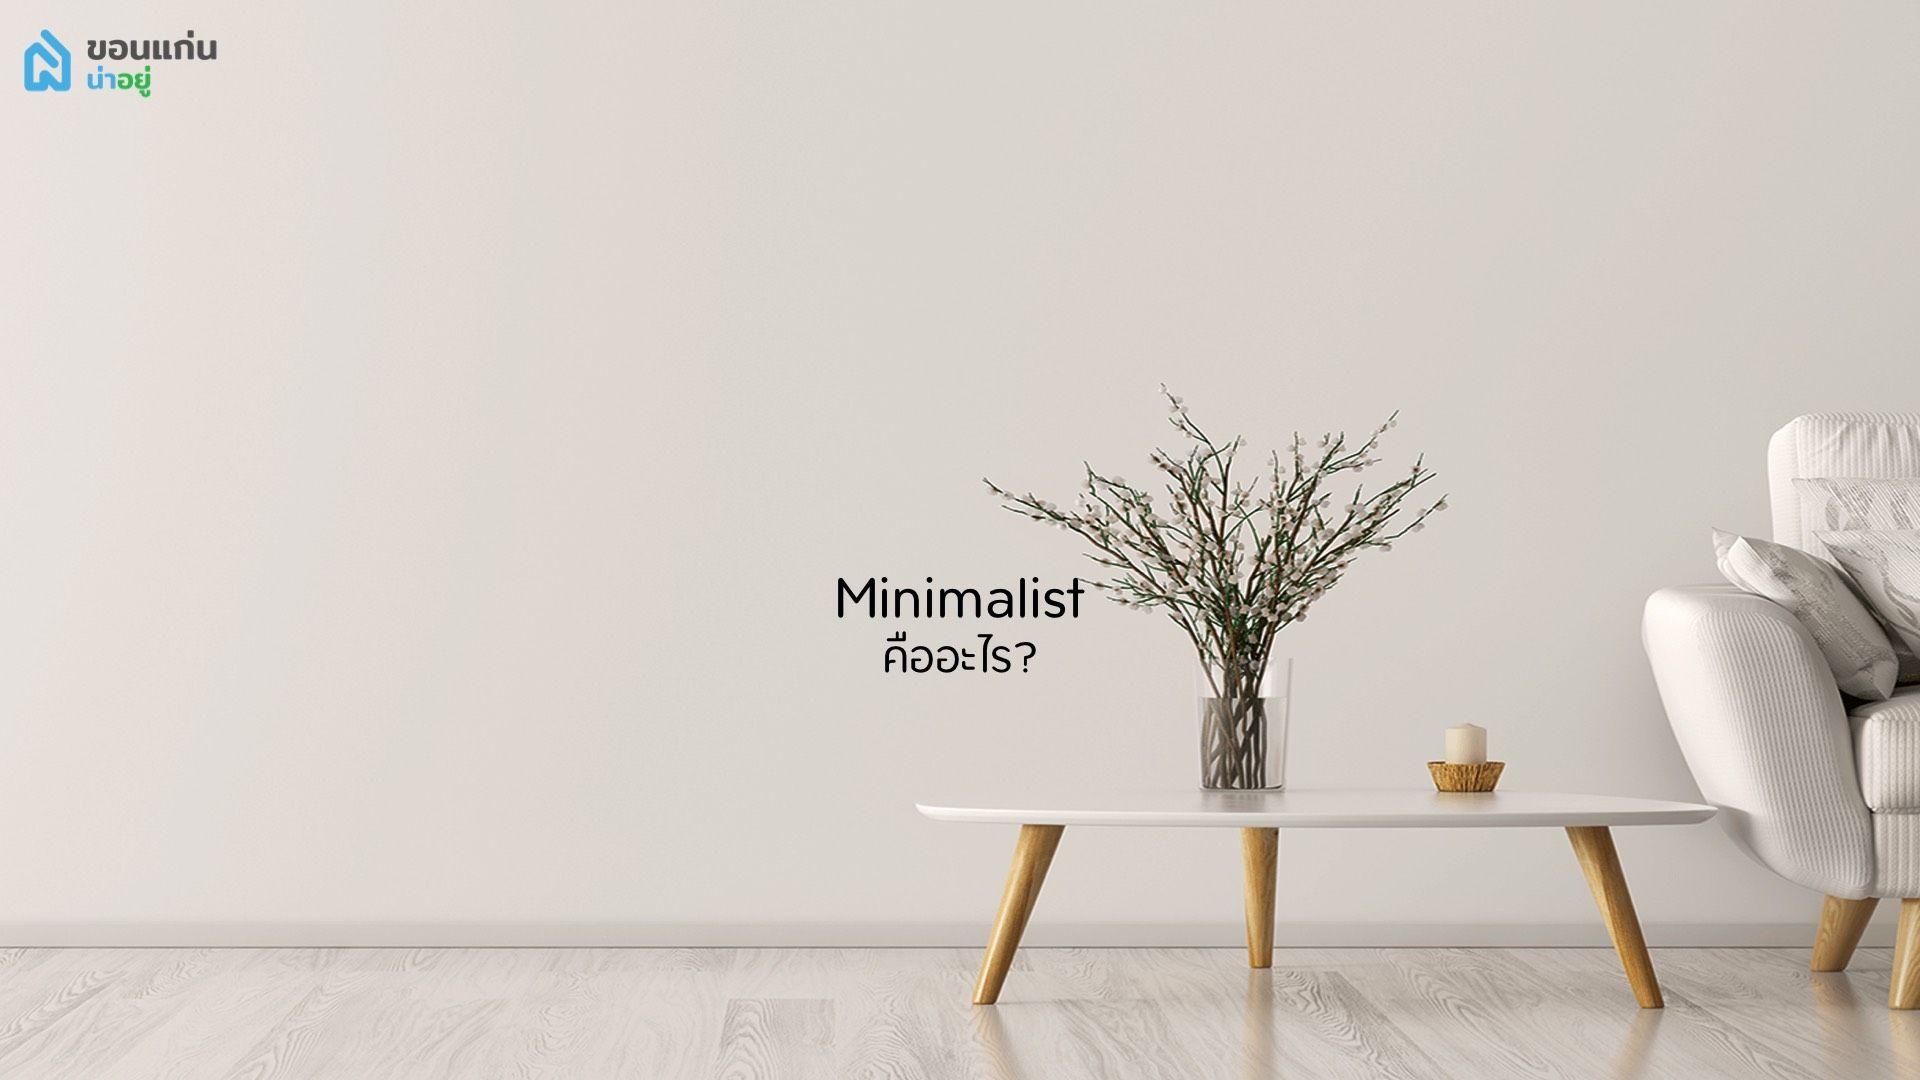 Minimalist คืออะไร? น้อยแต่มาก คือนิยามจริงหรือ?